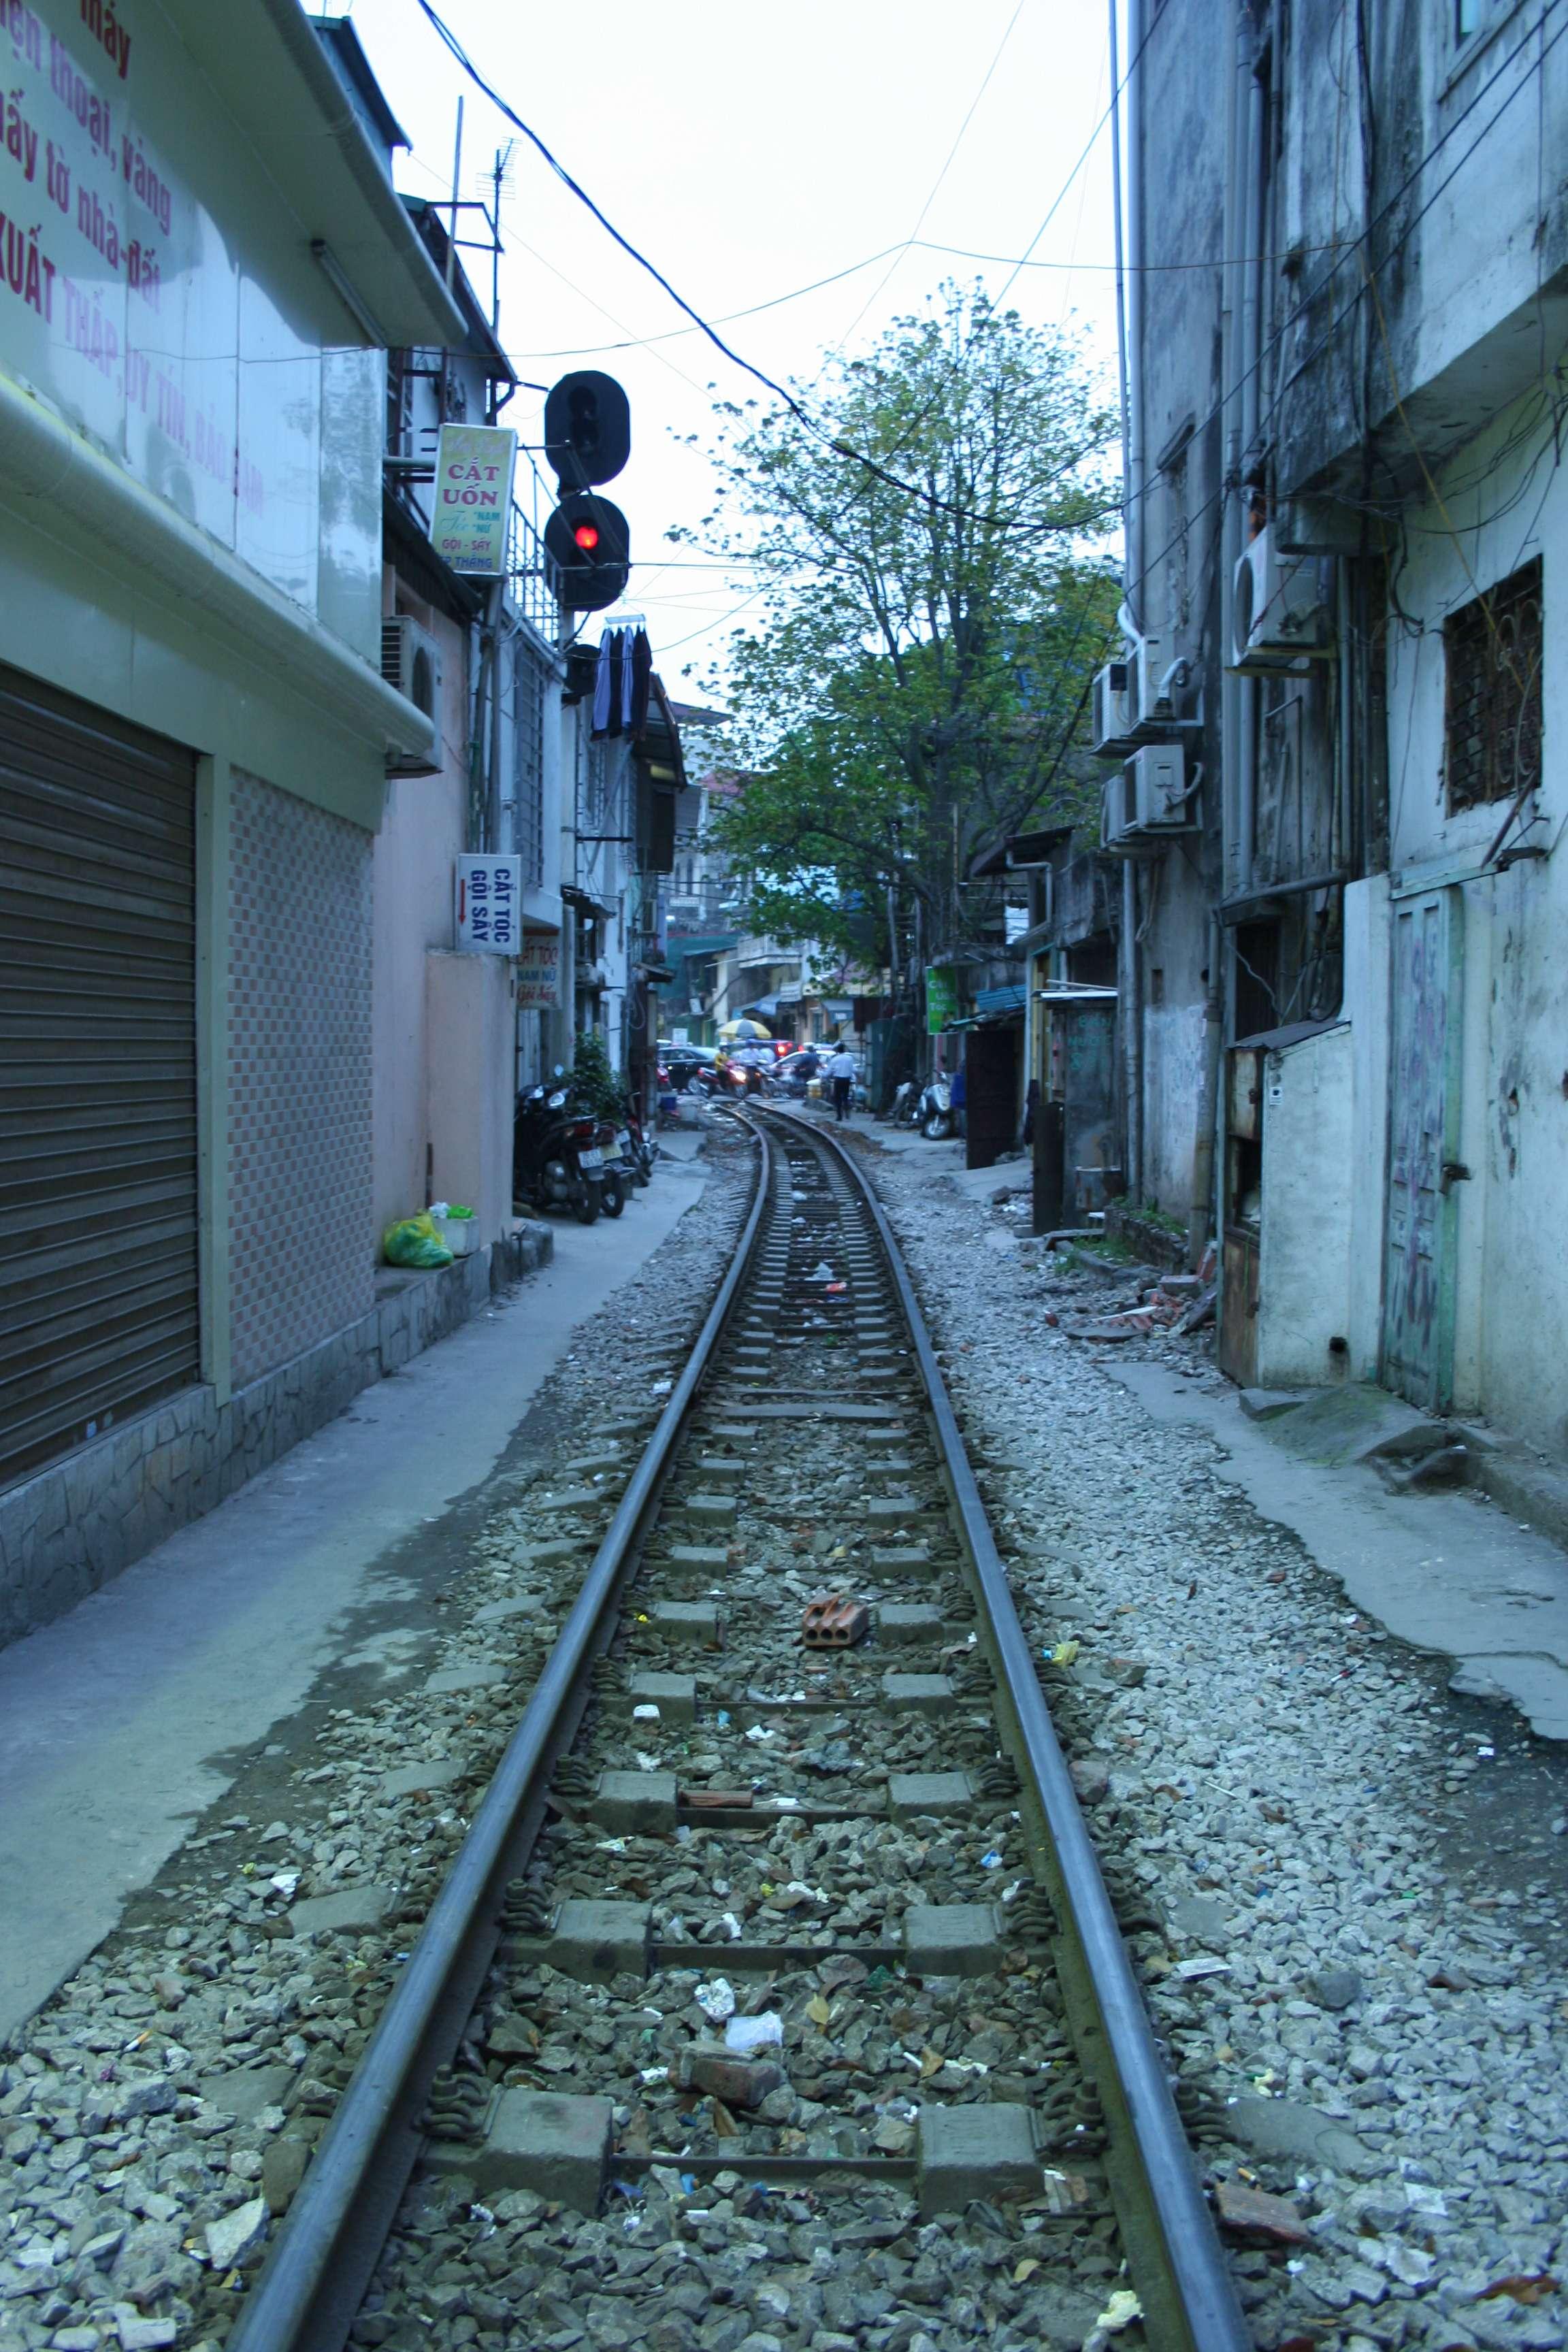 20120409_095 rue dans Hanoi